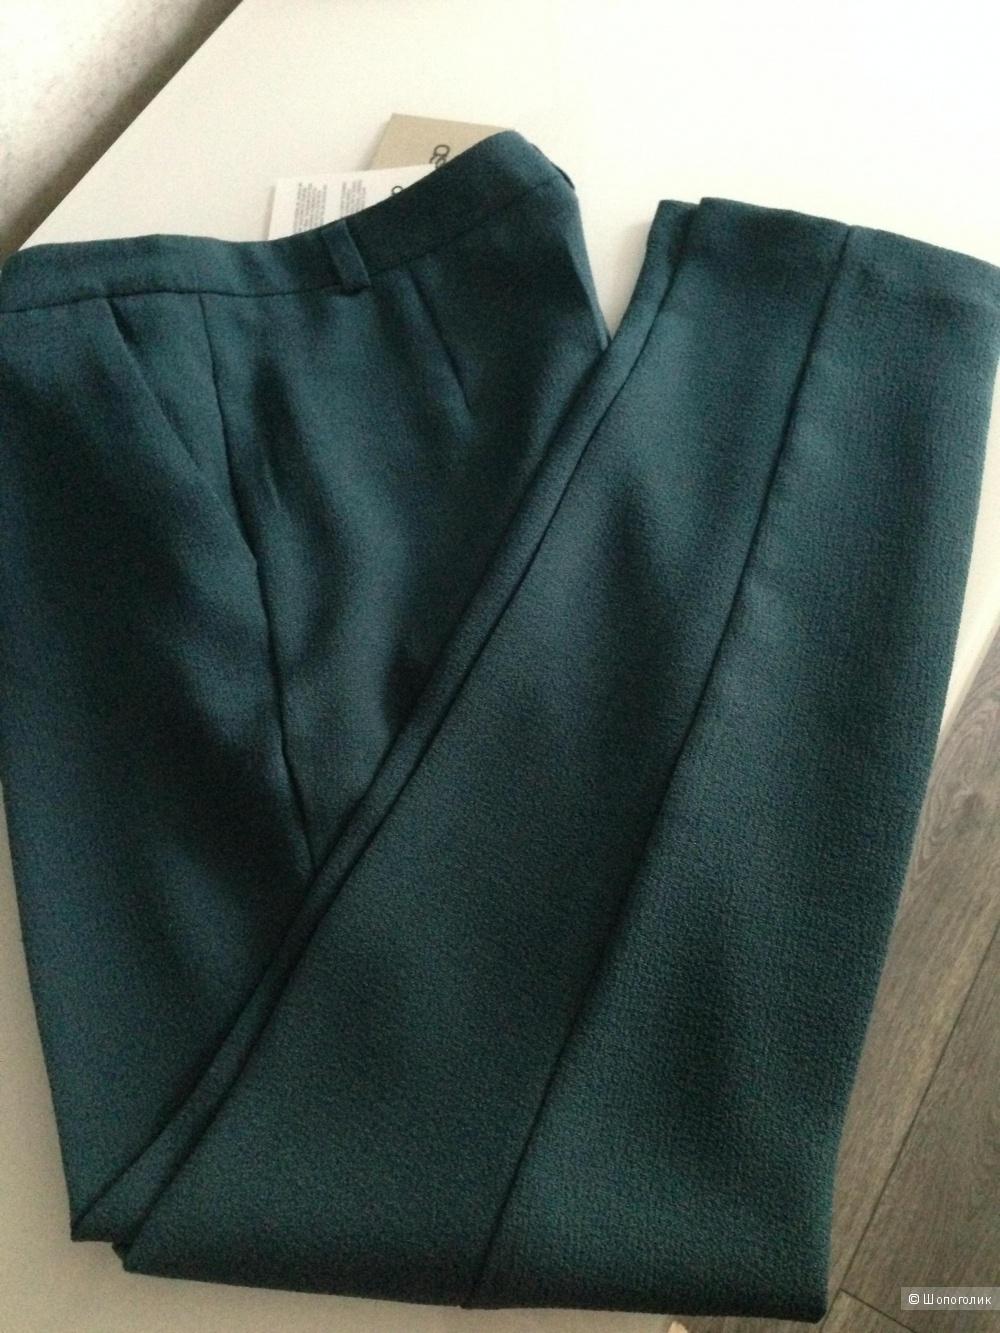 Укороченные креповые брюки-сигареты ASOS (eur 36 / uk 8)